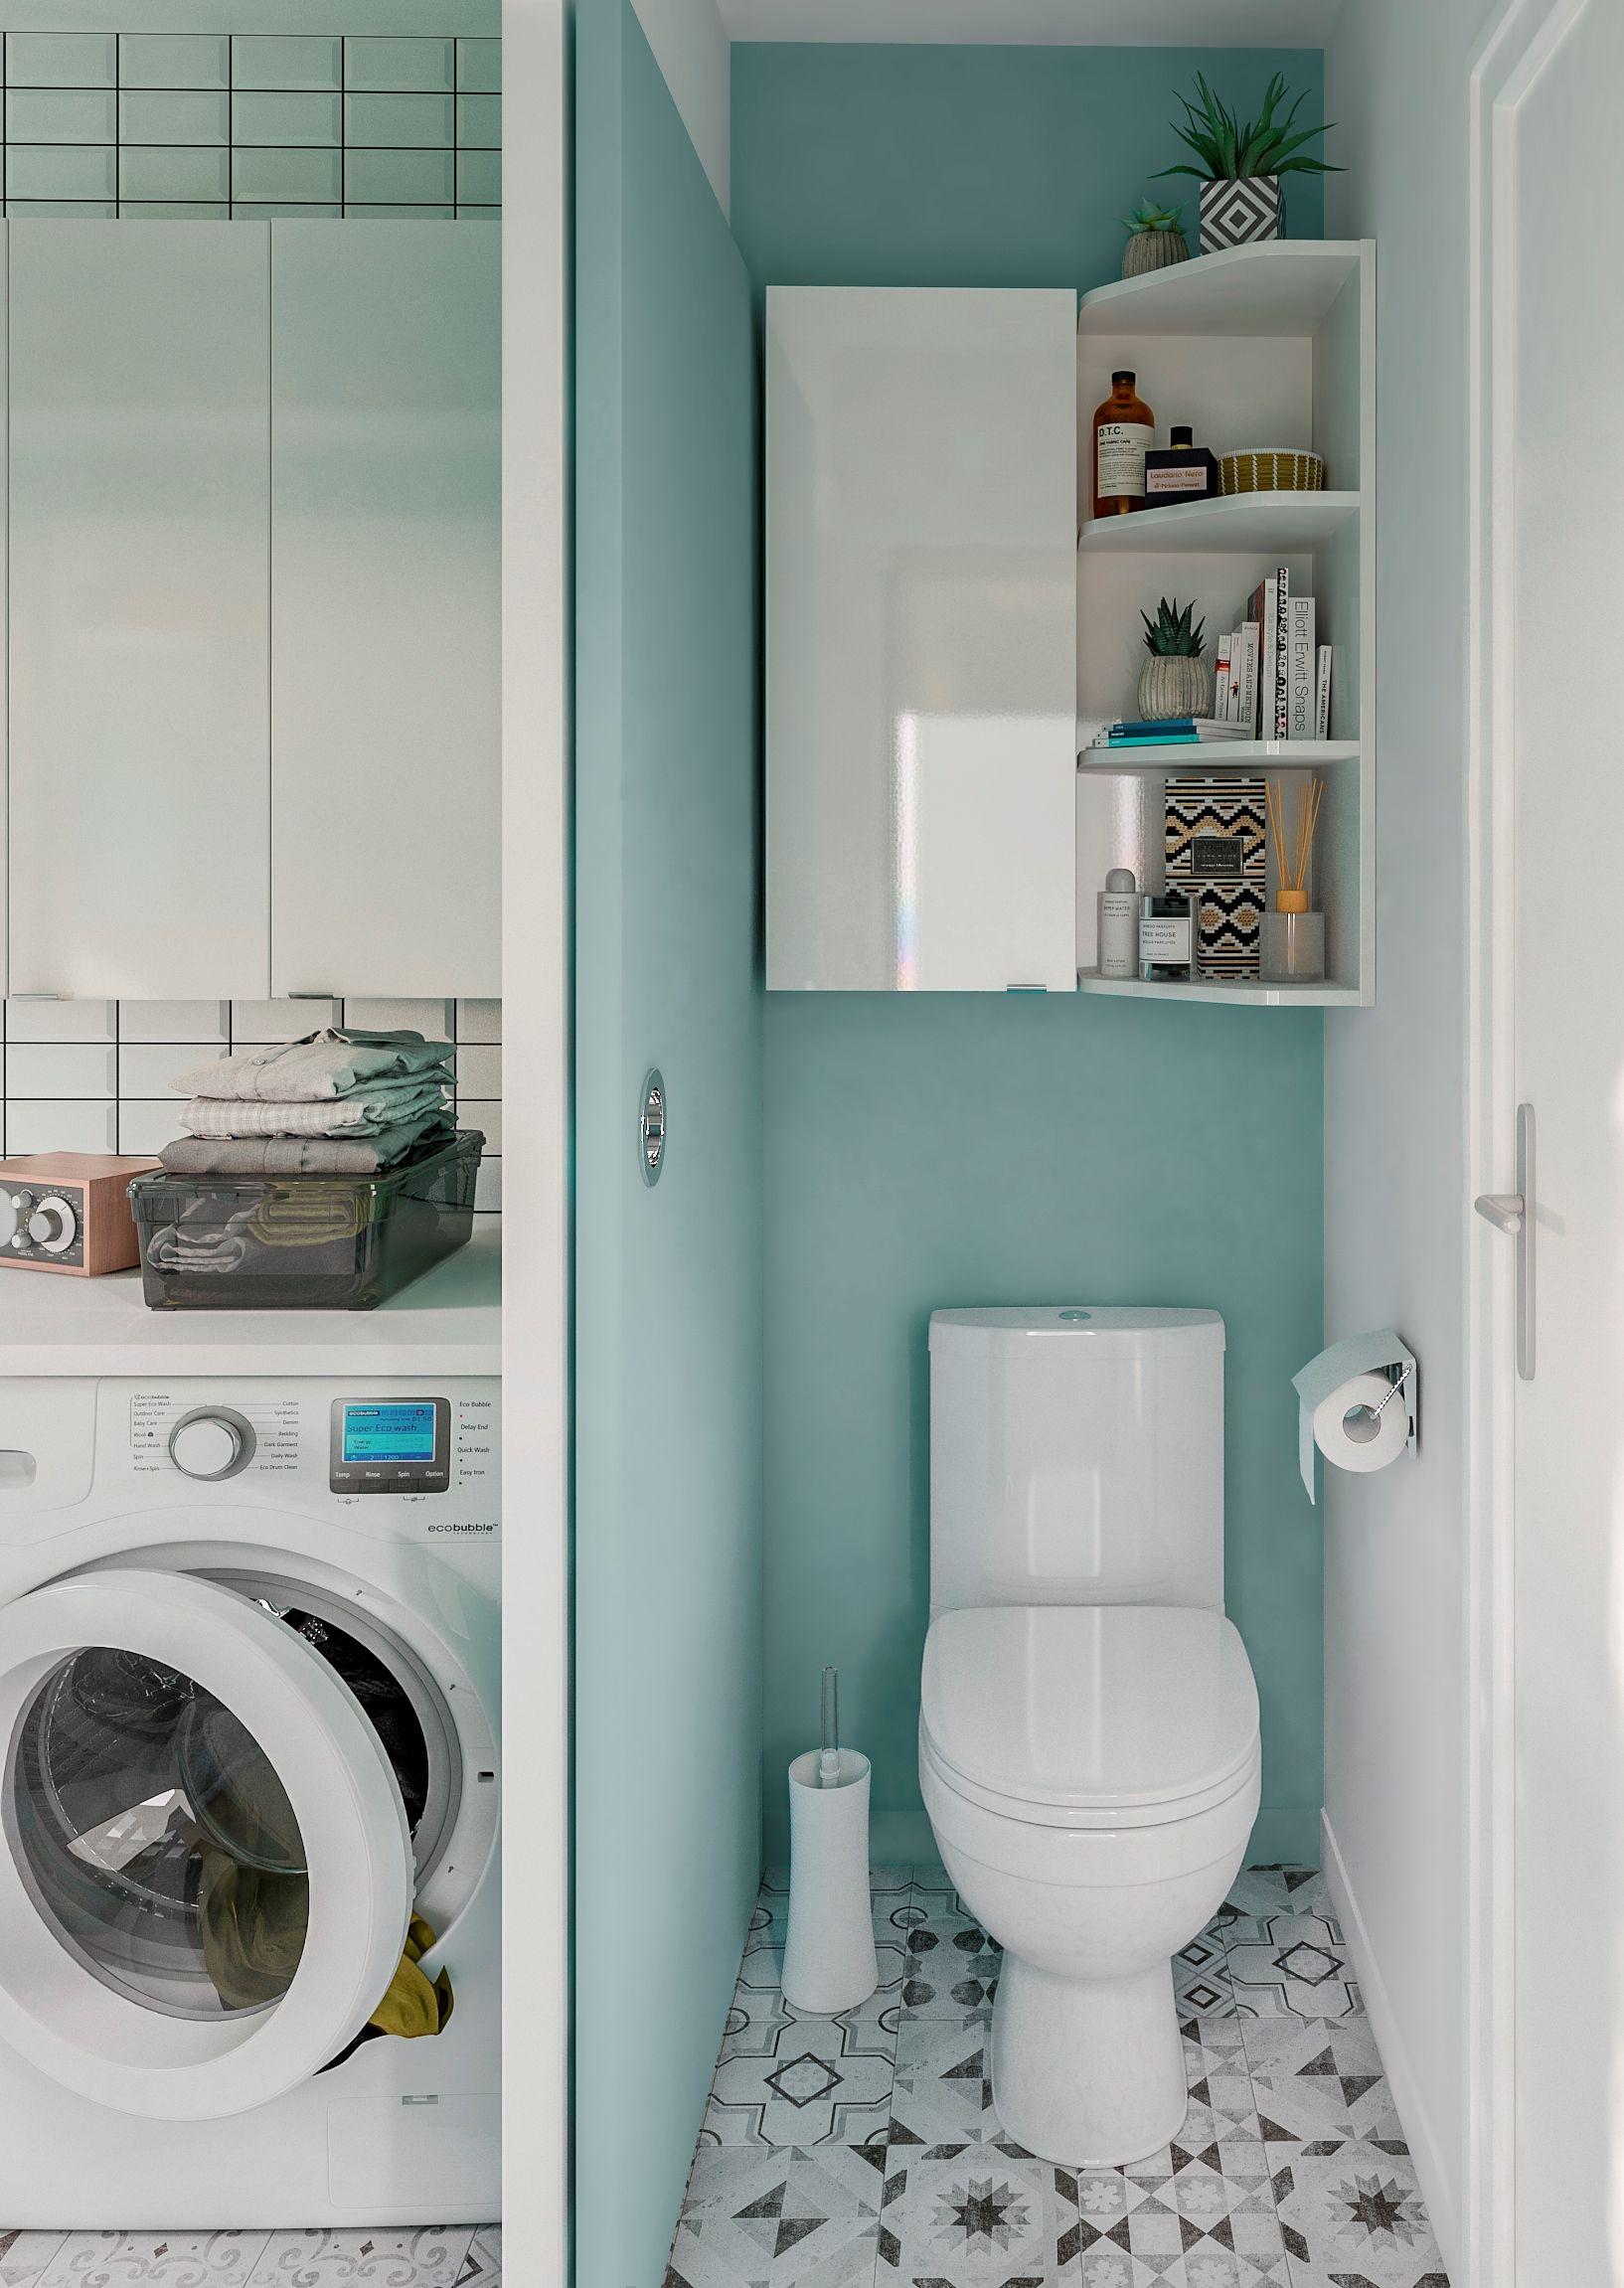 Epingle Par Mm Sur Wc En 2020 Idee Toilettes Amenagement Toilettes Meuble Toilette